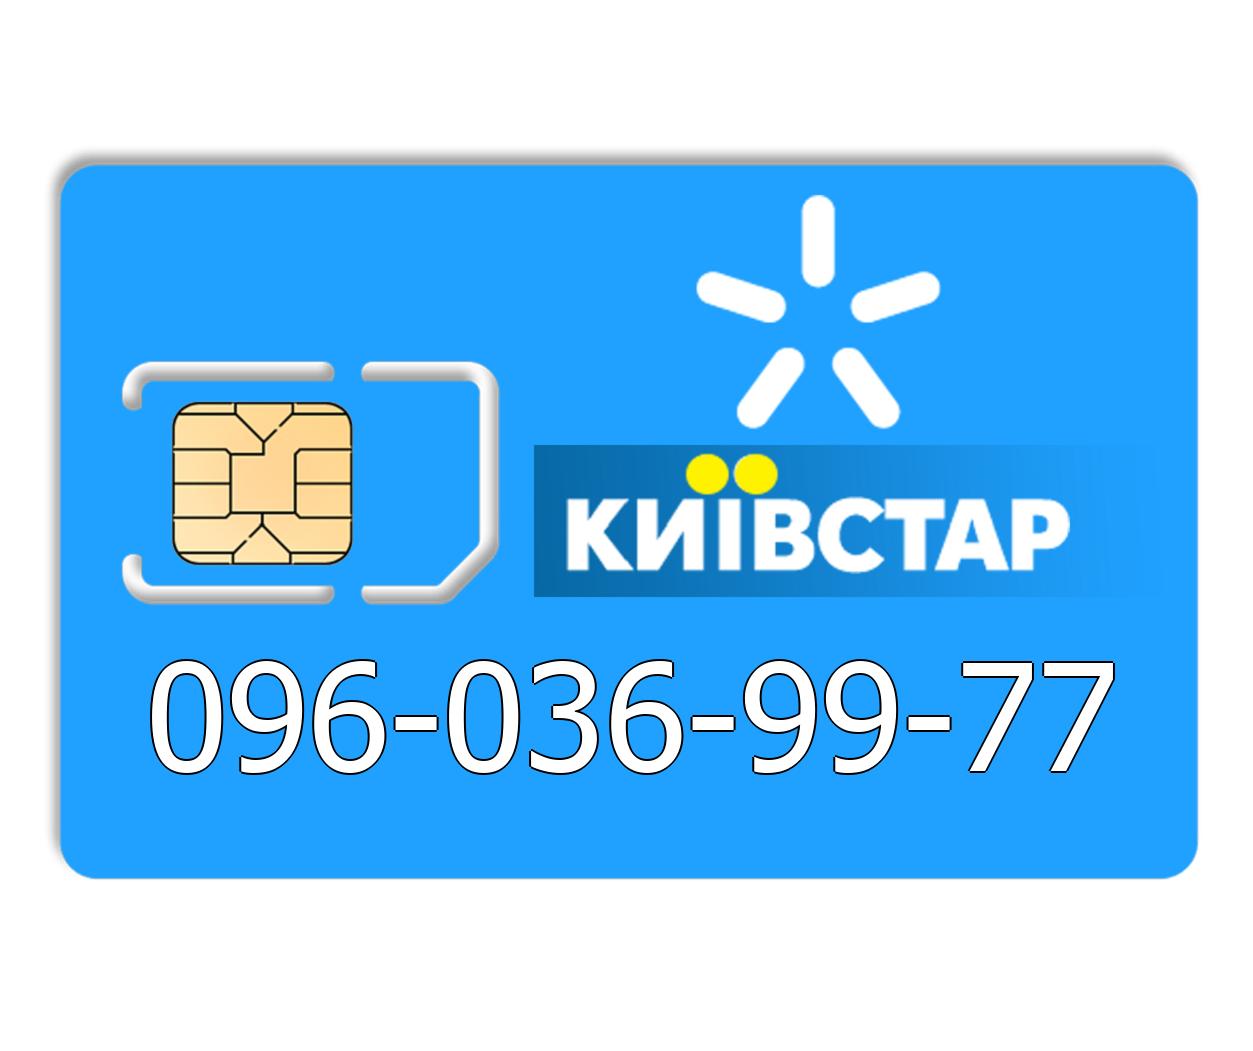 Красивый номер Киевстар 096-036-99-77